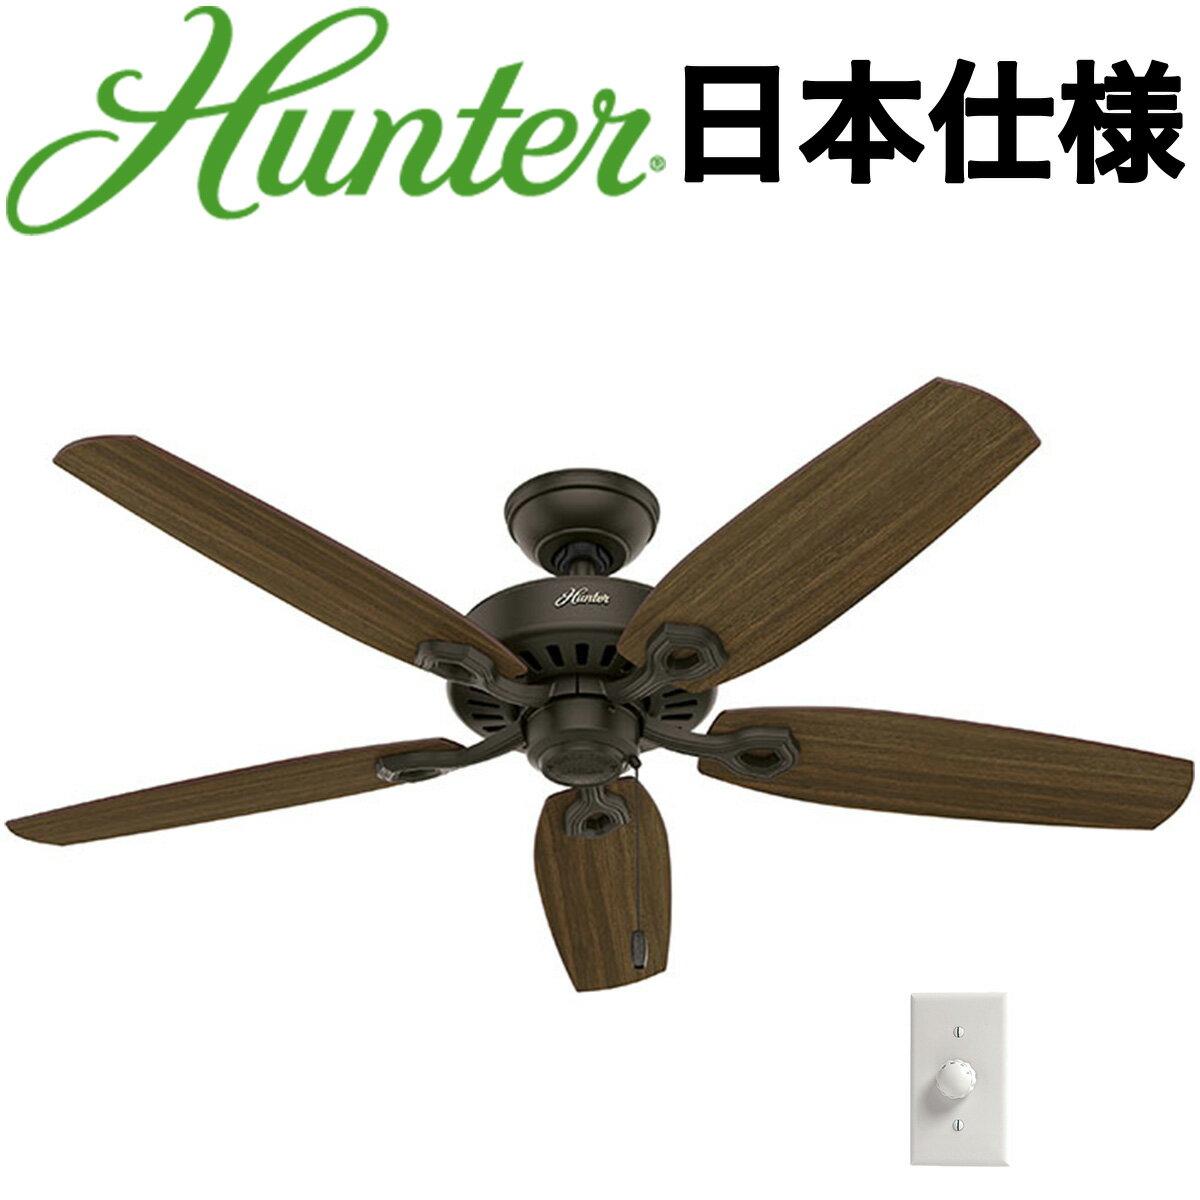 【送料不要】Hunter ビルダーエリート ニューブロンズ 53242 ハンター シーリングファン 傾斜天井 オシャレ 吹き抜け